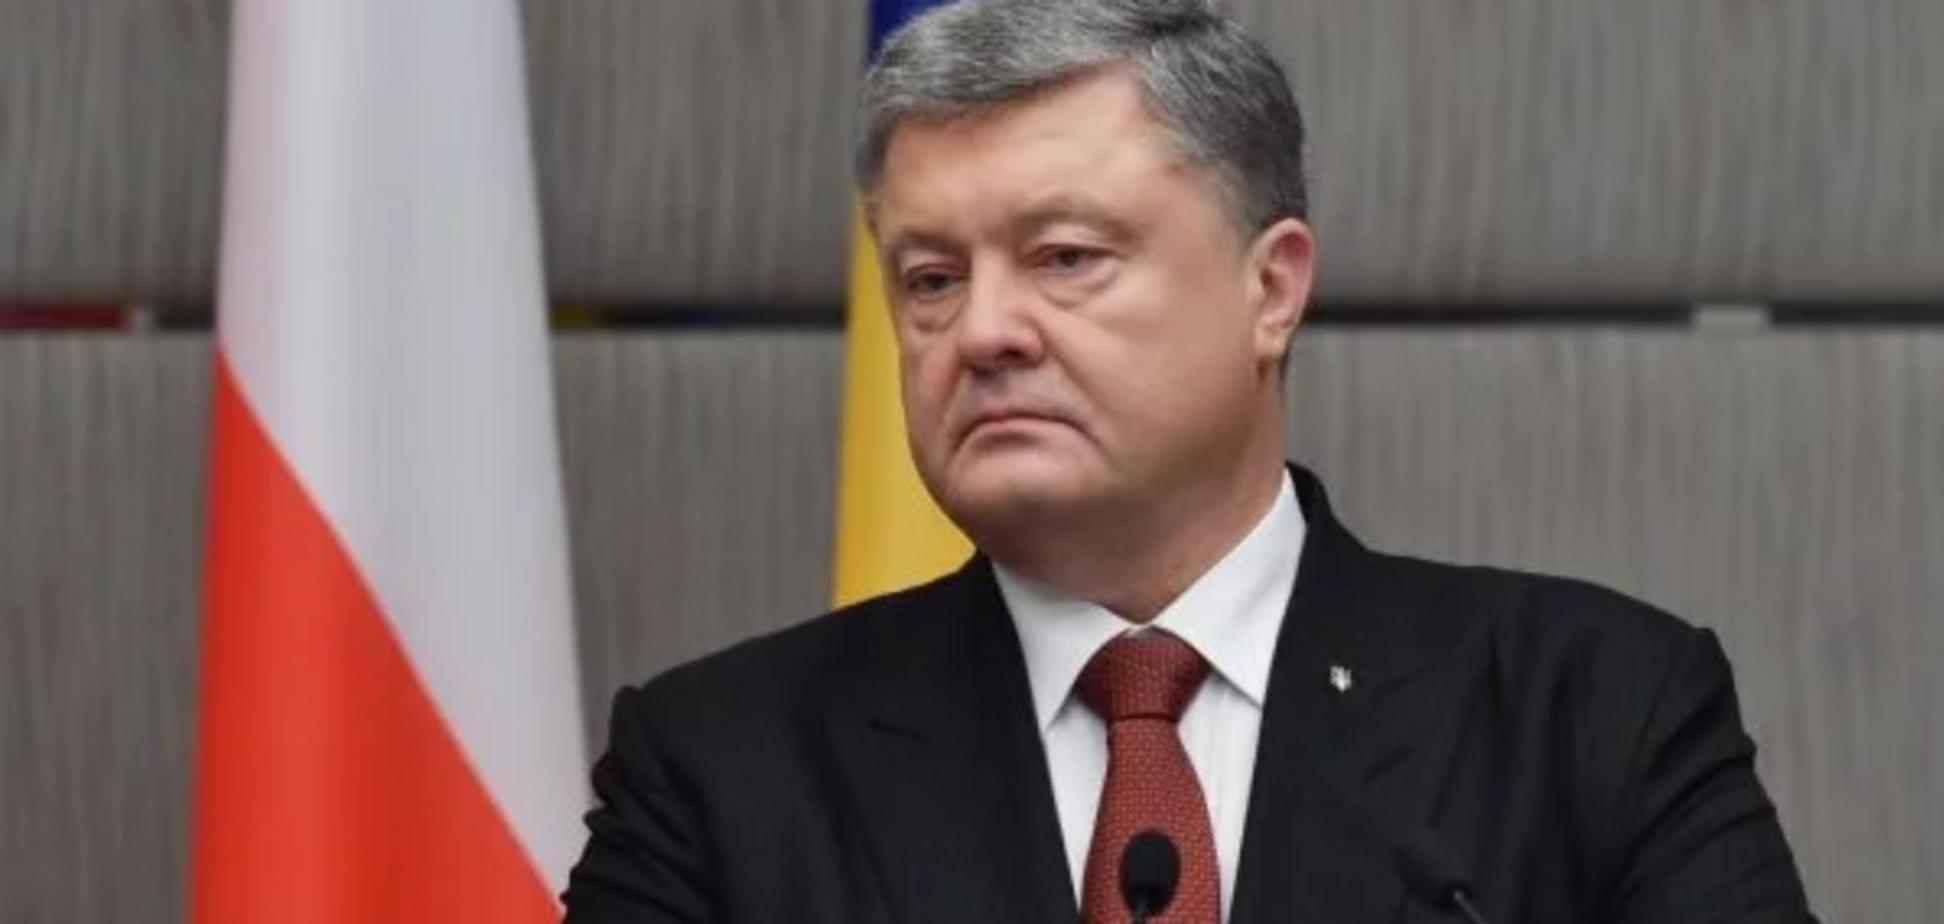 Мы до сих пор не помирились: Украина и Польша отметили годовщину Волынской трагедии